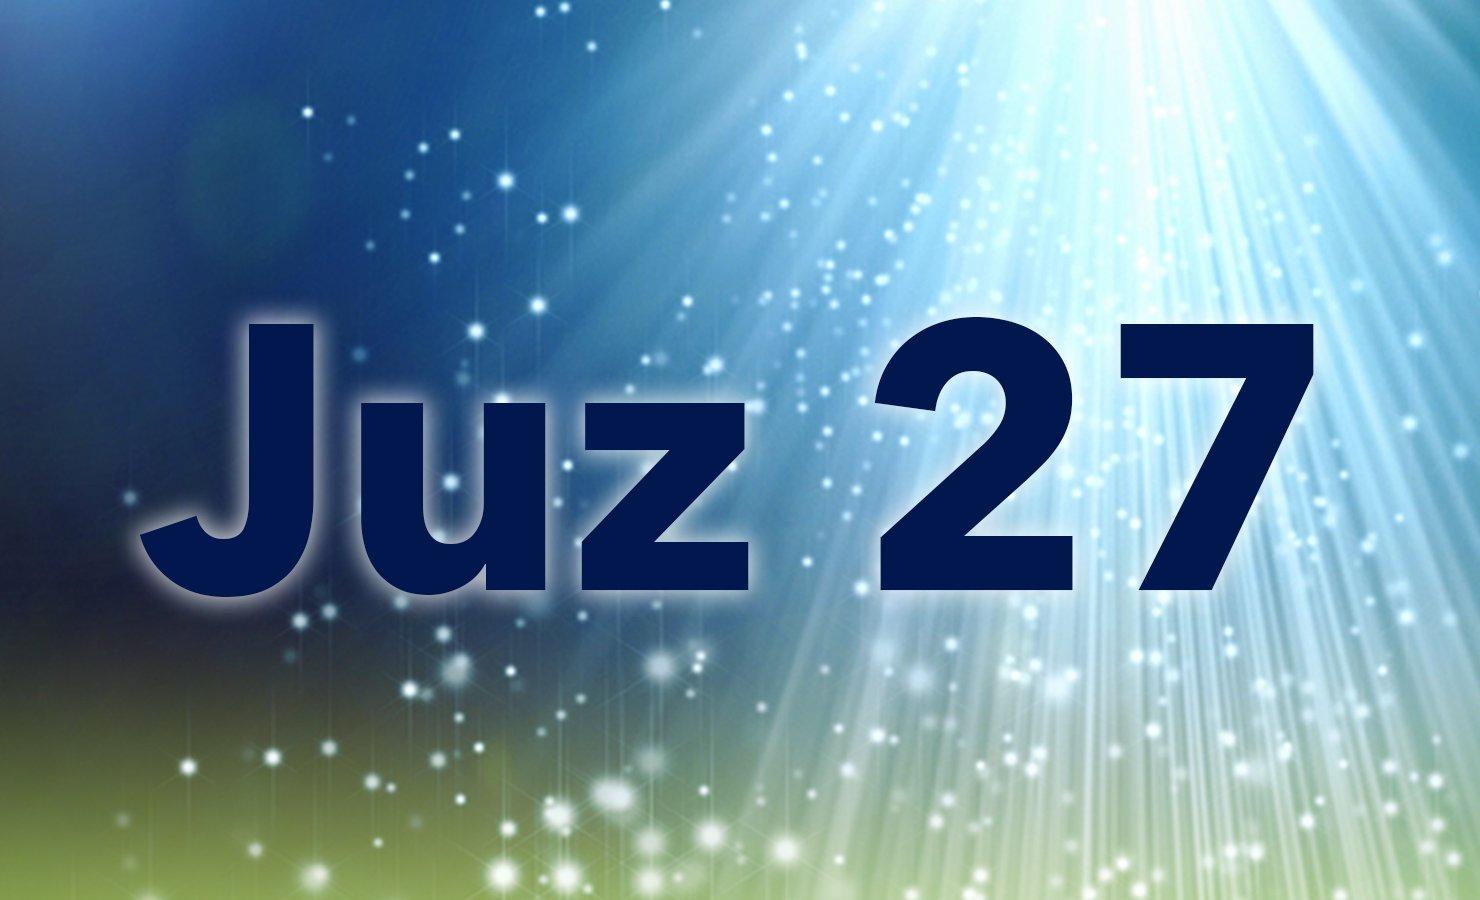 Juz-27